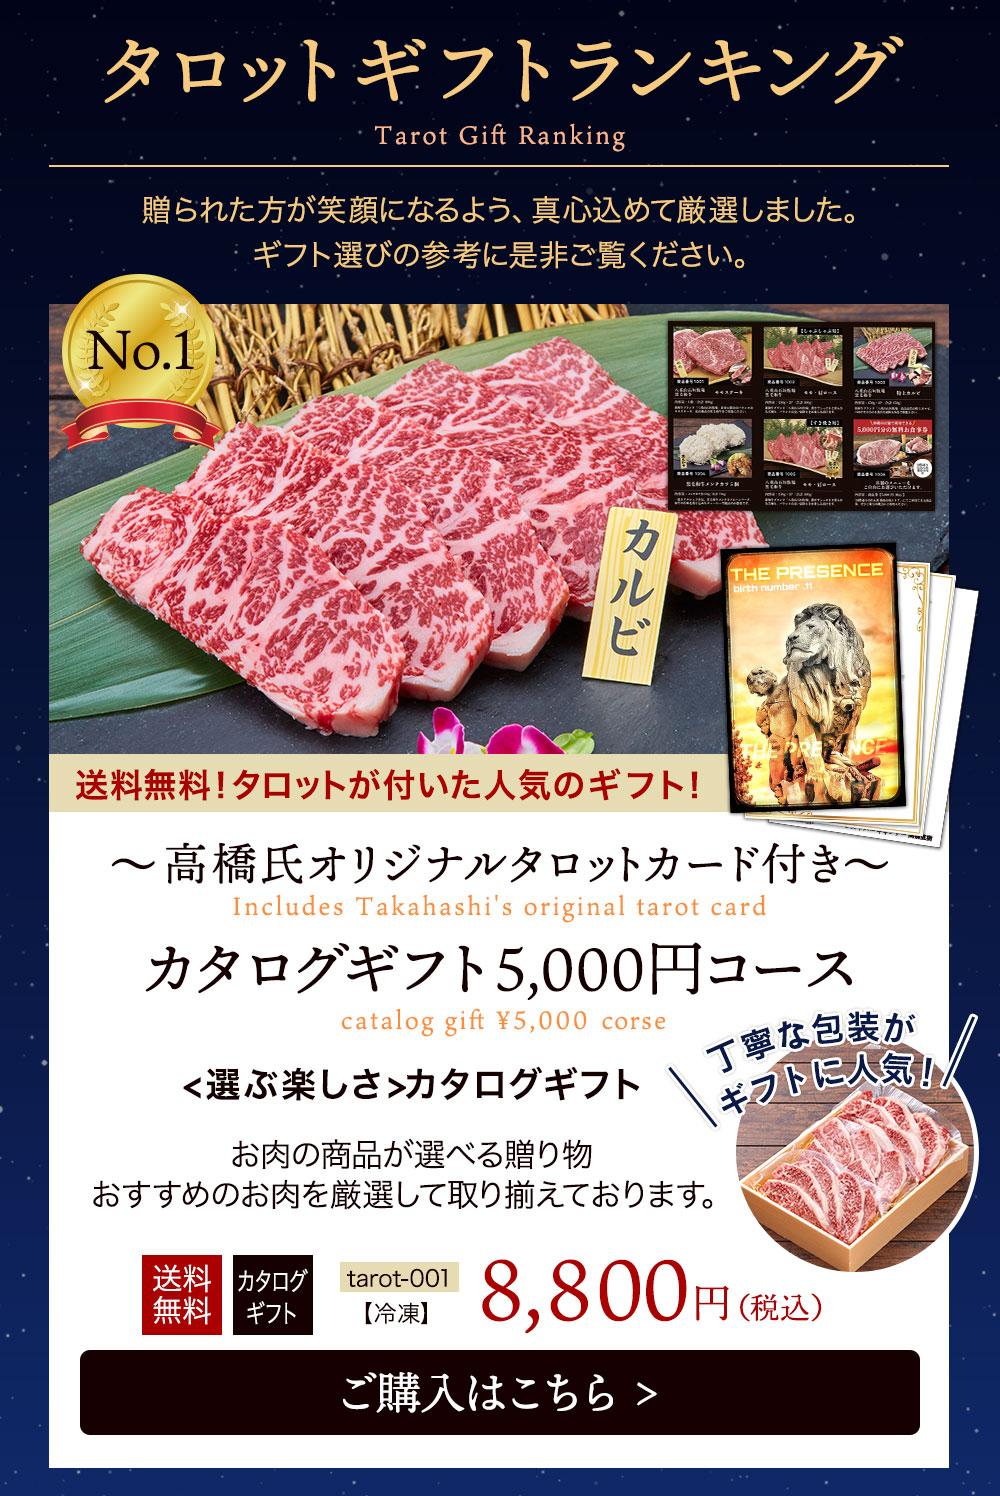 タロットギフトランキング 贈られた方が笑顔になるよう、真心込めて厳選しました。ギフト選びの参考にぜひご覧ください。 送料無料!タロットが付いた人気のギフト! 高橋氏オリジナルタロットカード付き カタログギフト 5,000円コース 選ぶ楽しさ カタログギフト  お肉の商品が選べる贈り物 おすすめのお肉を厳選して取り揃えております。 送料無料 カタログギフト  tarot-001 冷凍 8,800円(税込) ご購入はこちら 丁寧な包装がギフトに人気!